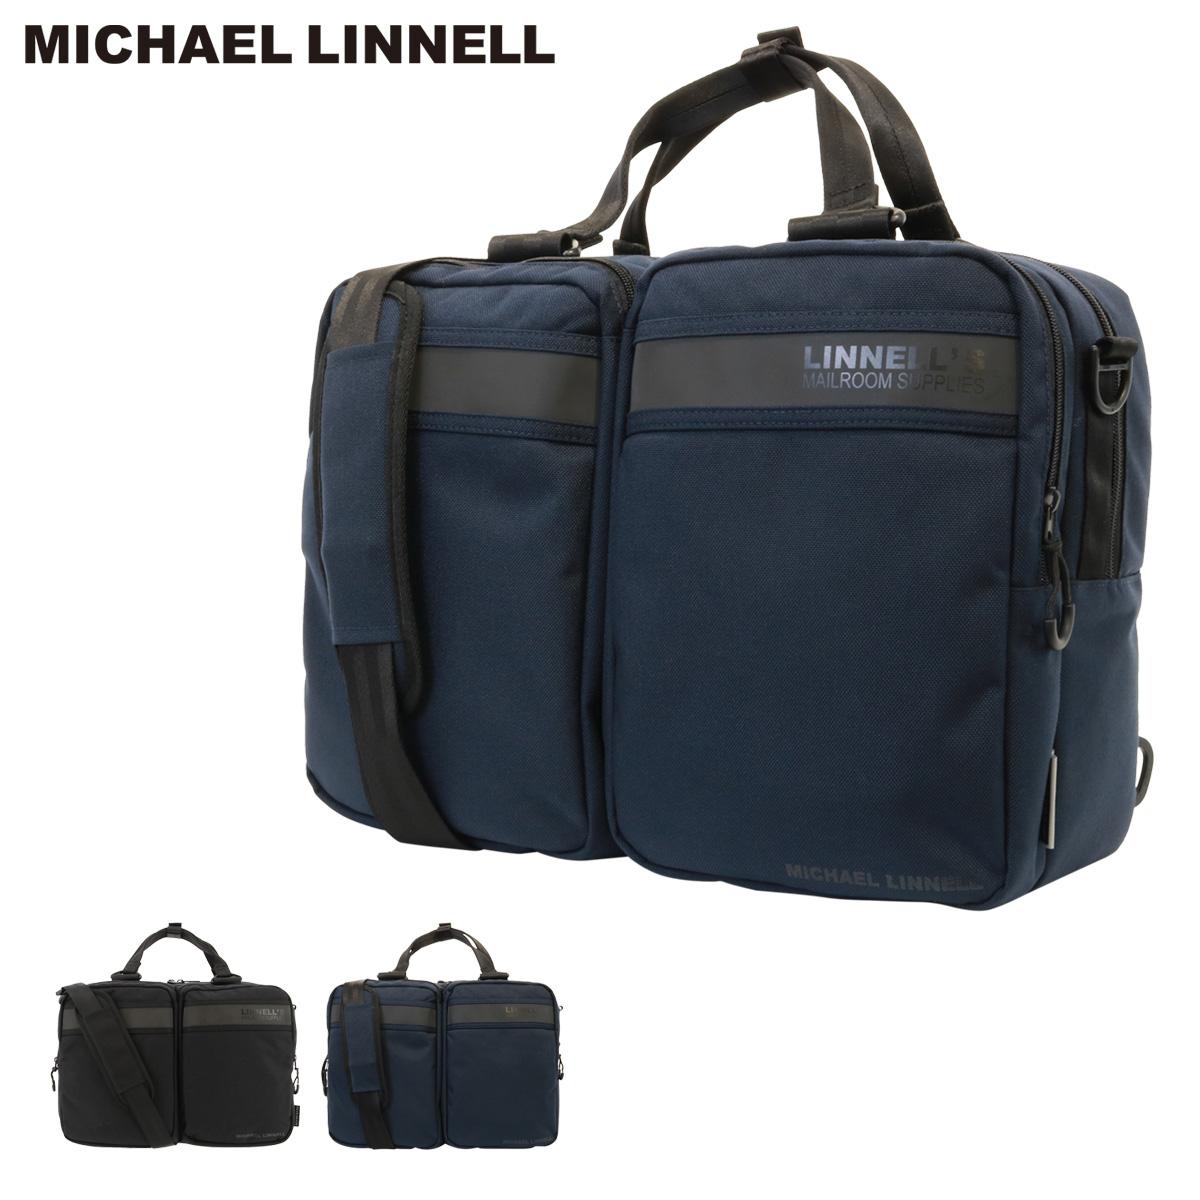 マイケルリンネル ビジネスバッグ 3WAY メンズ F-238 MICHAEL LINNELL | リュック ブリーフケース ビジネス フィセブレイブ FICCEBRAVE [PO5][bef]